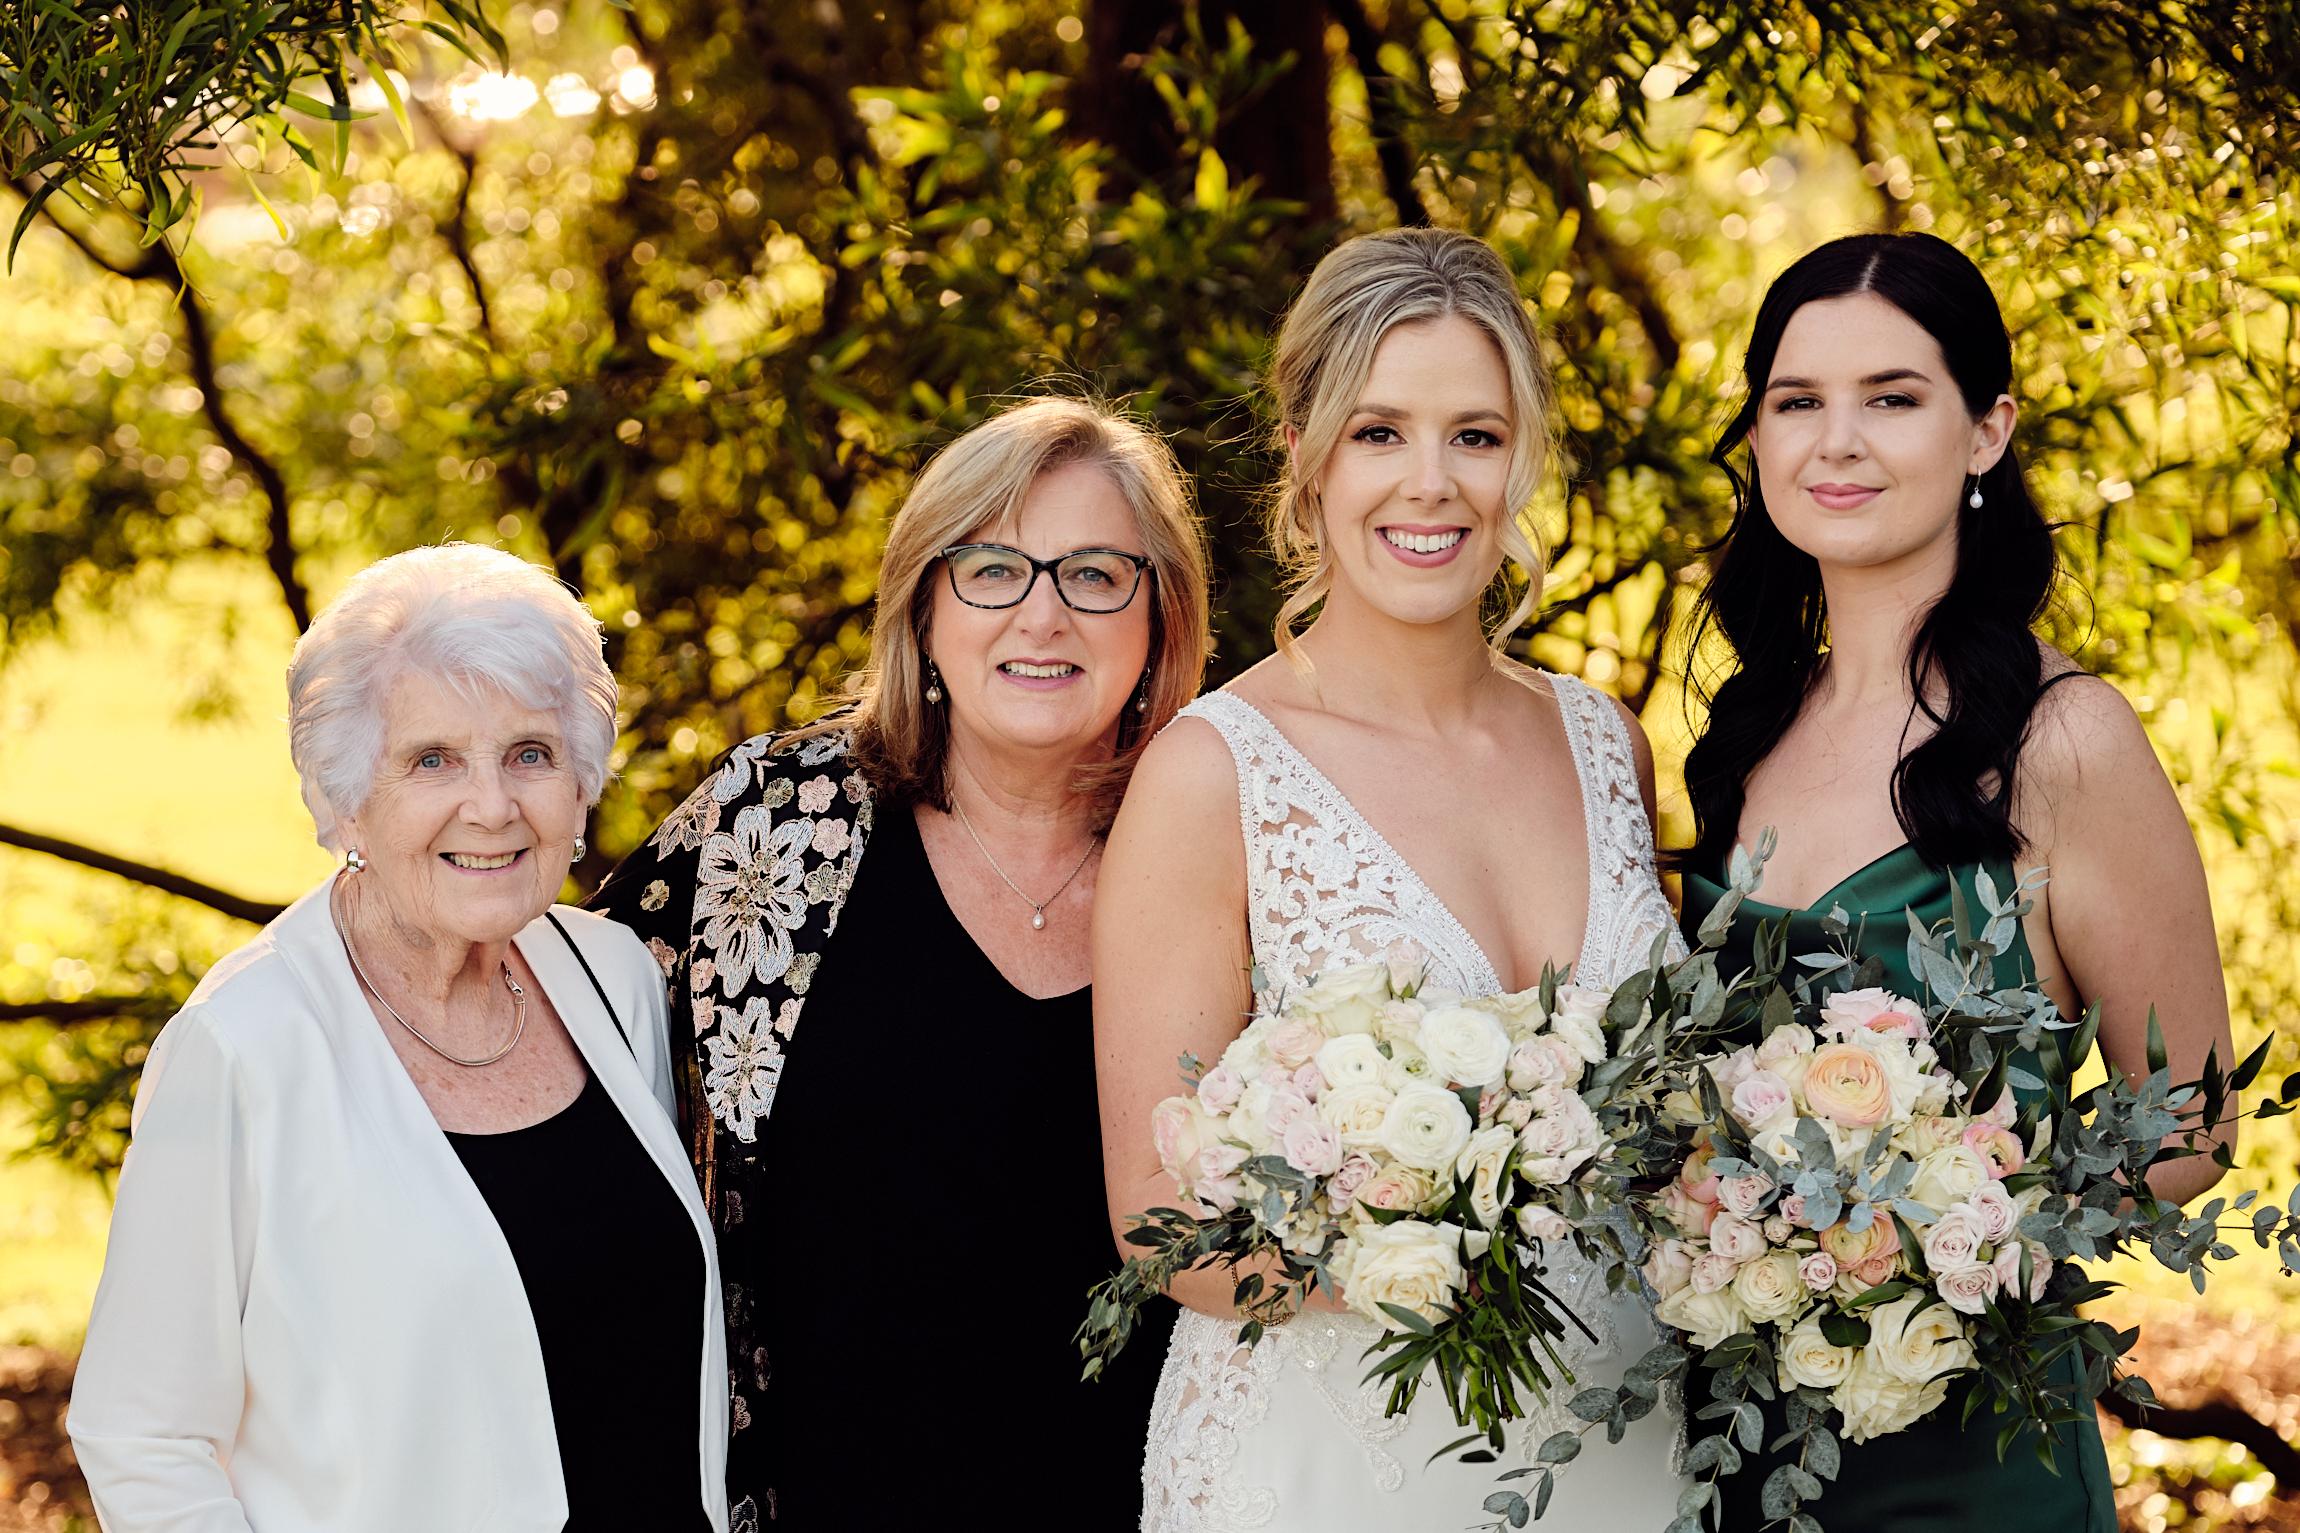 Markovina wedding photographers